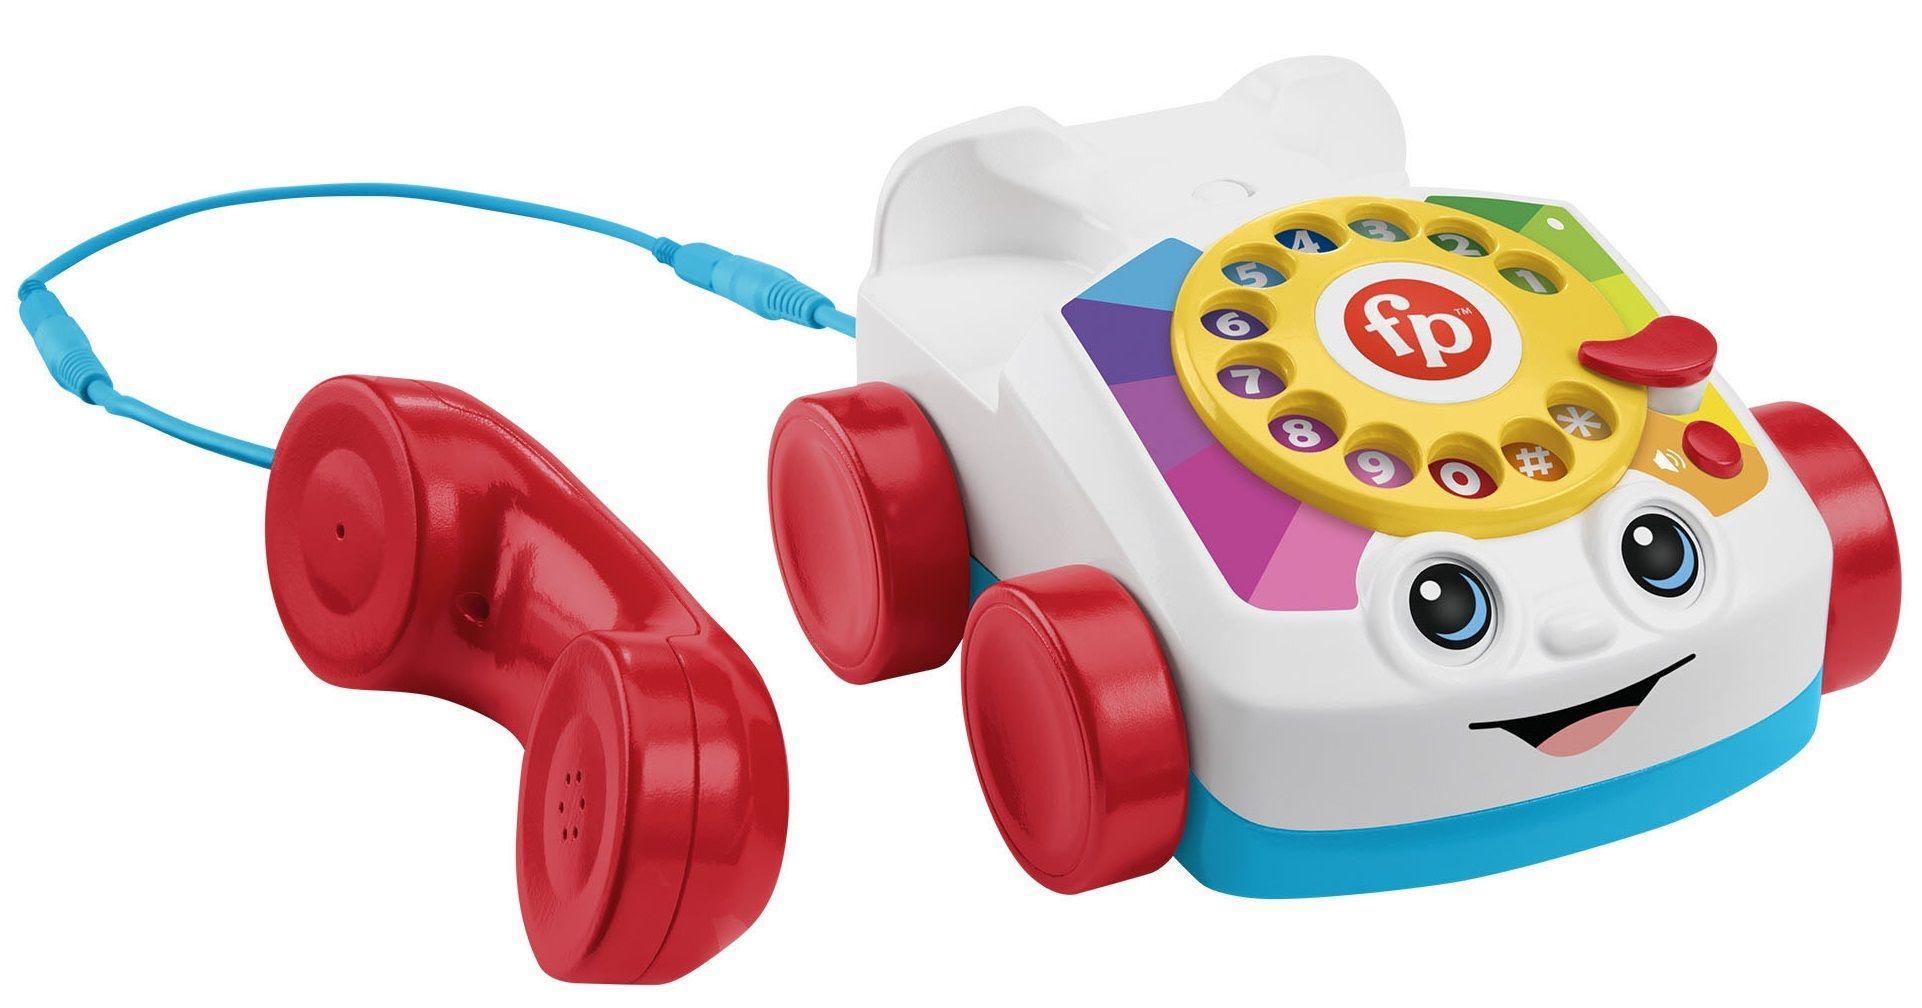 Teléfono de juguete de Fisher-Price ya puede hacer llamadas reales